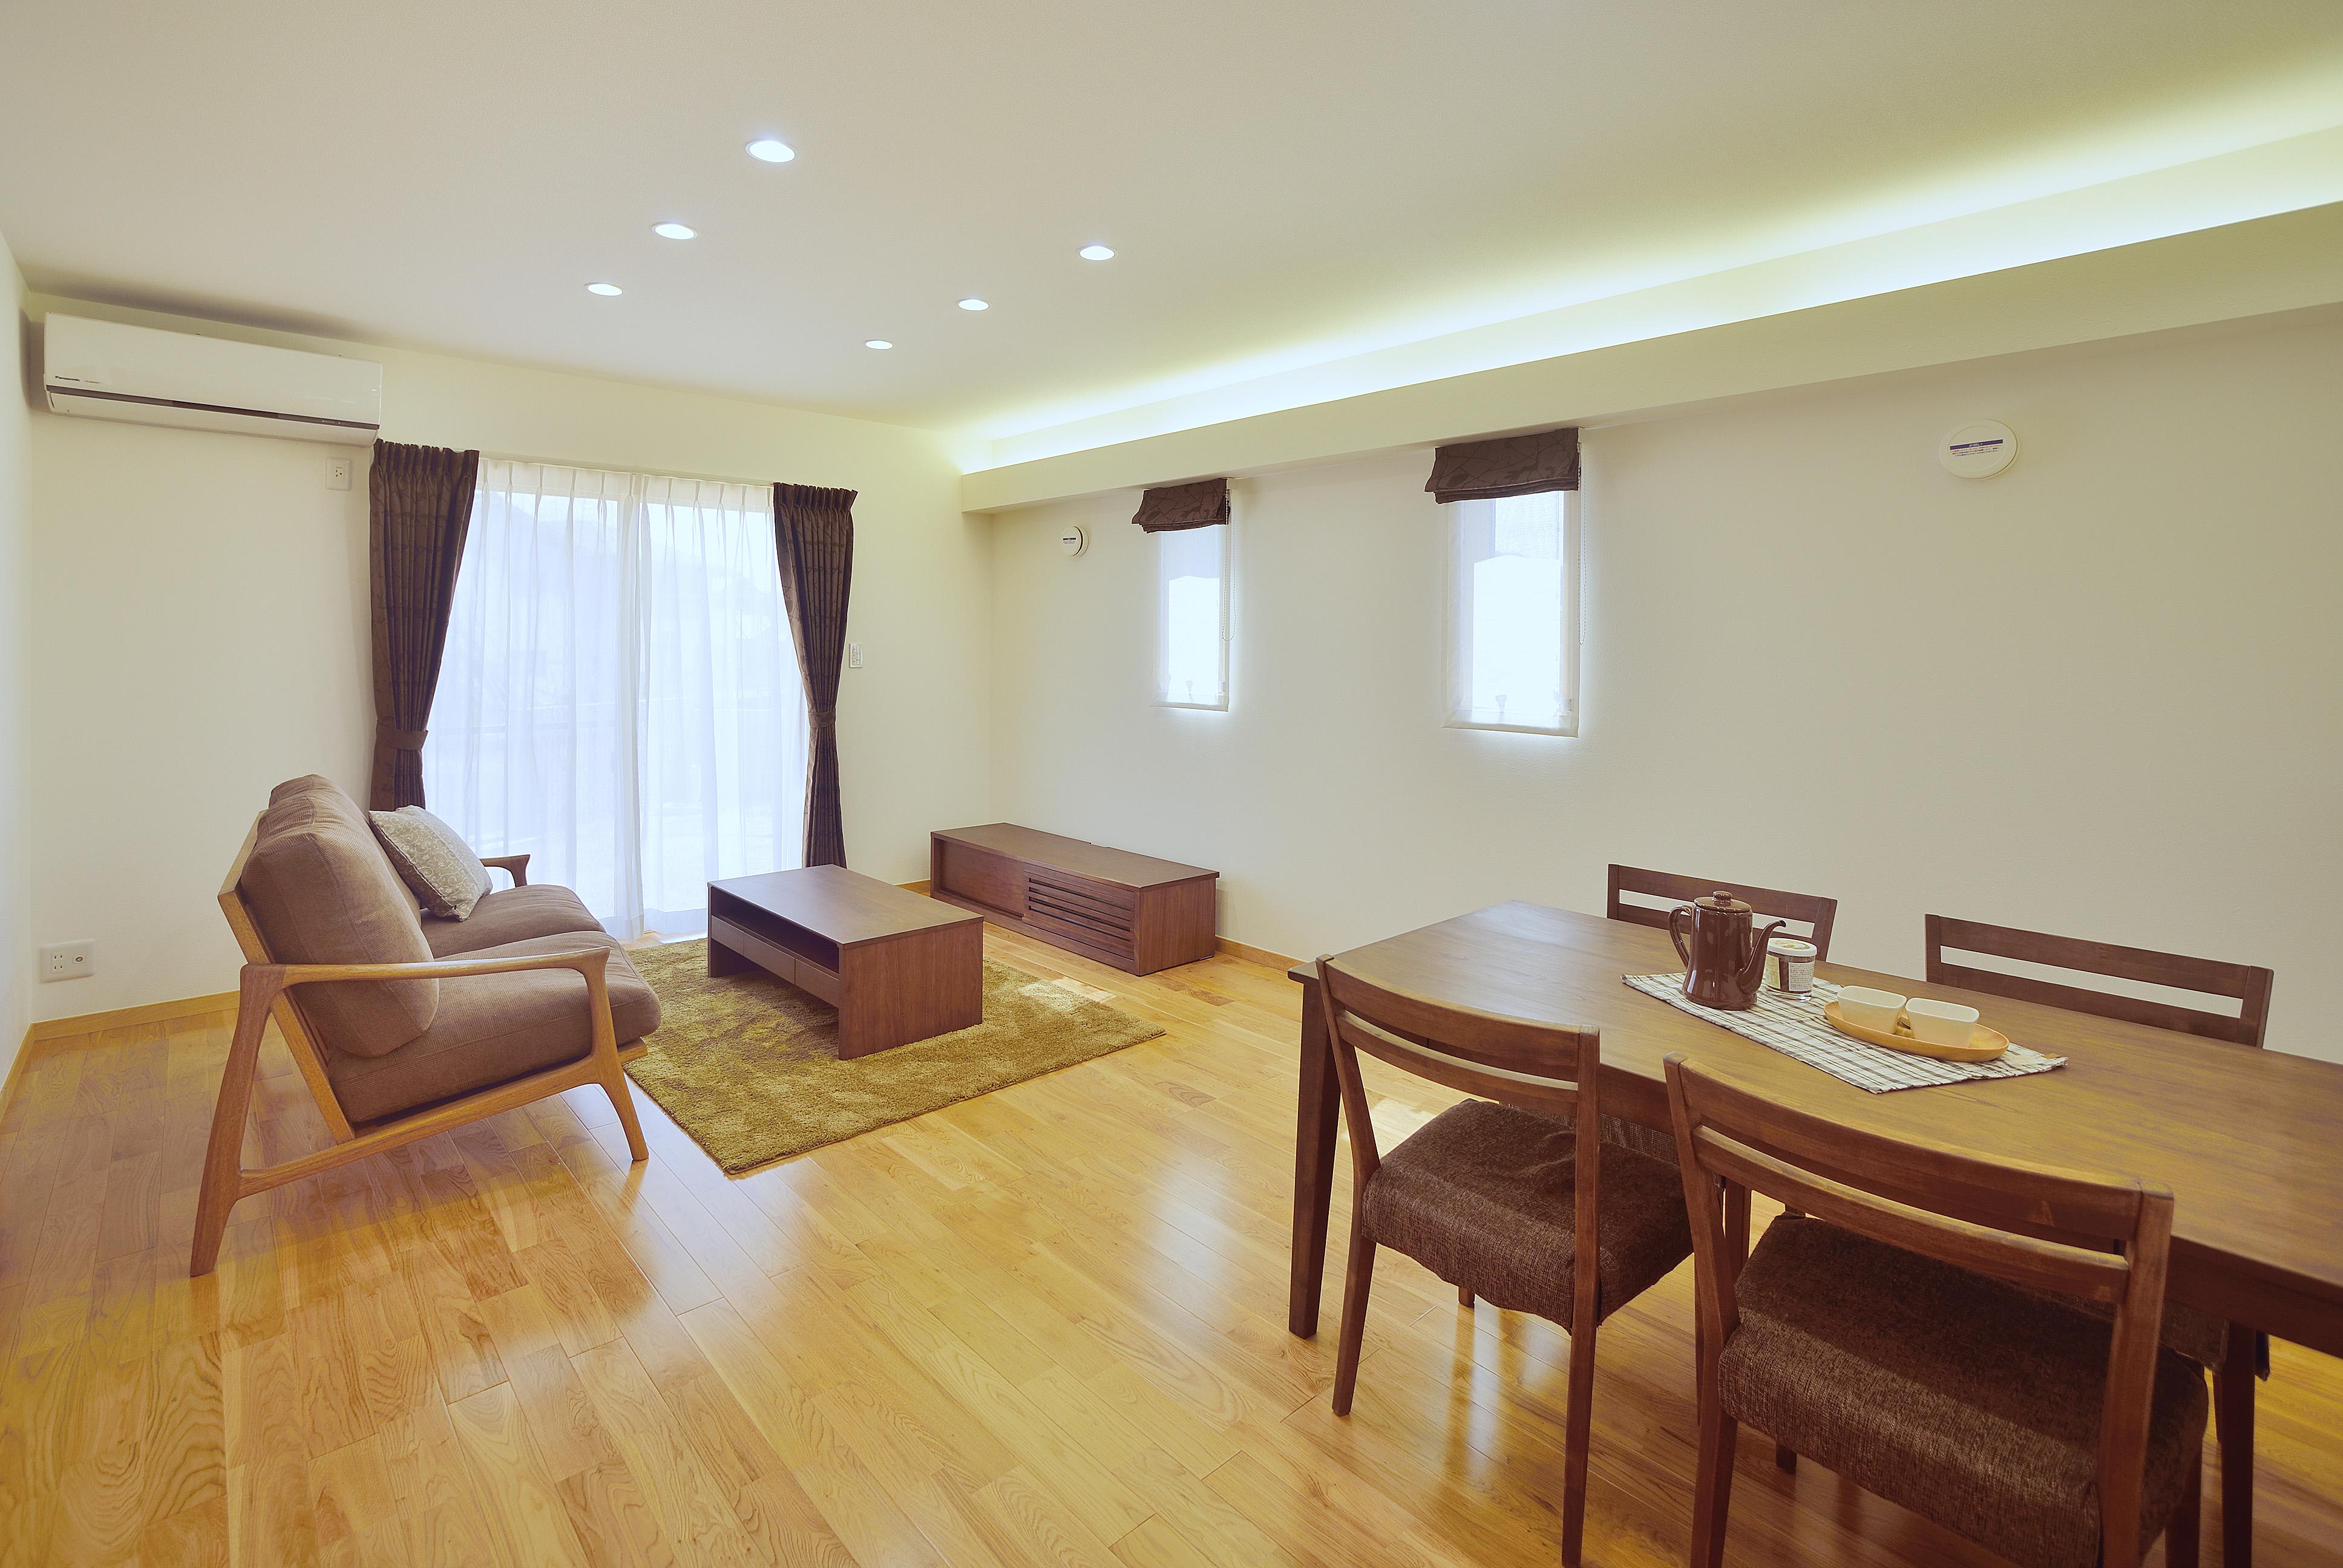 床は無垢のナラ。間接照明でくつろぎの空間に。